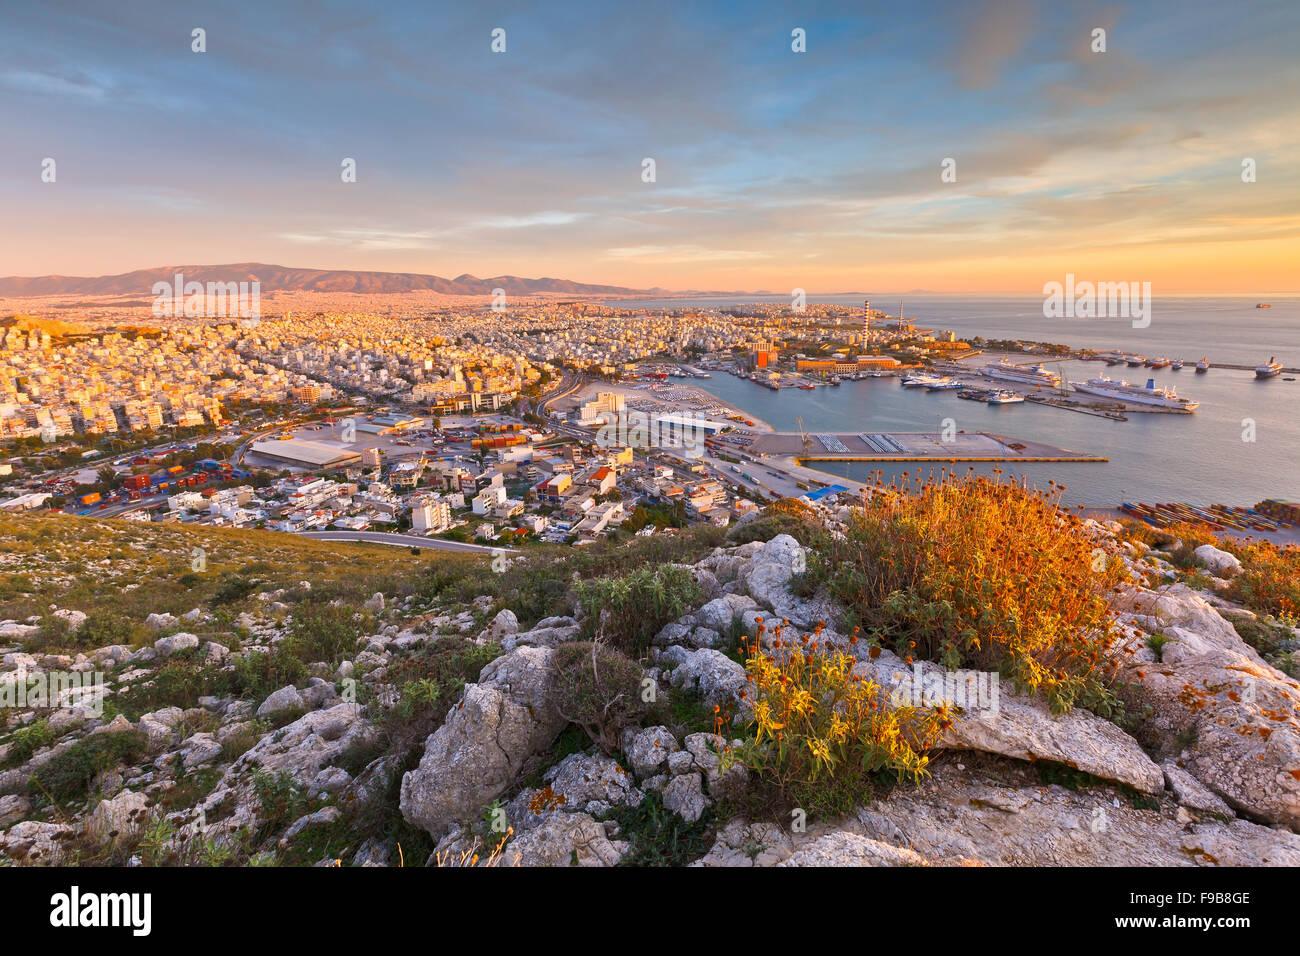 Vista del puerto de Pireo en Atenas desde las estribaciones de las montañas Aegaleo Imagen De Stock